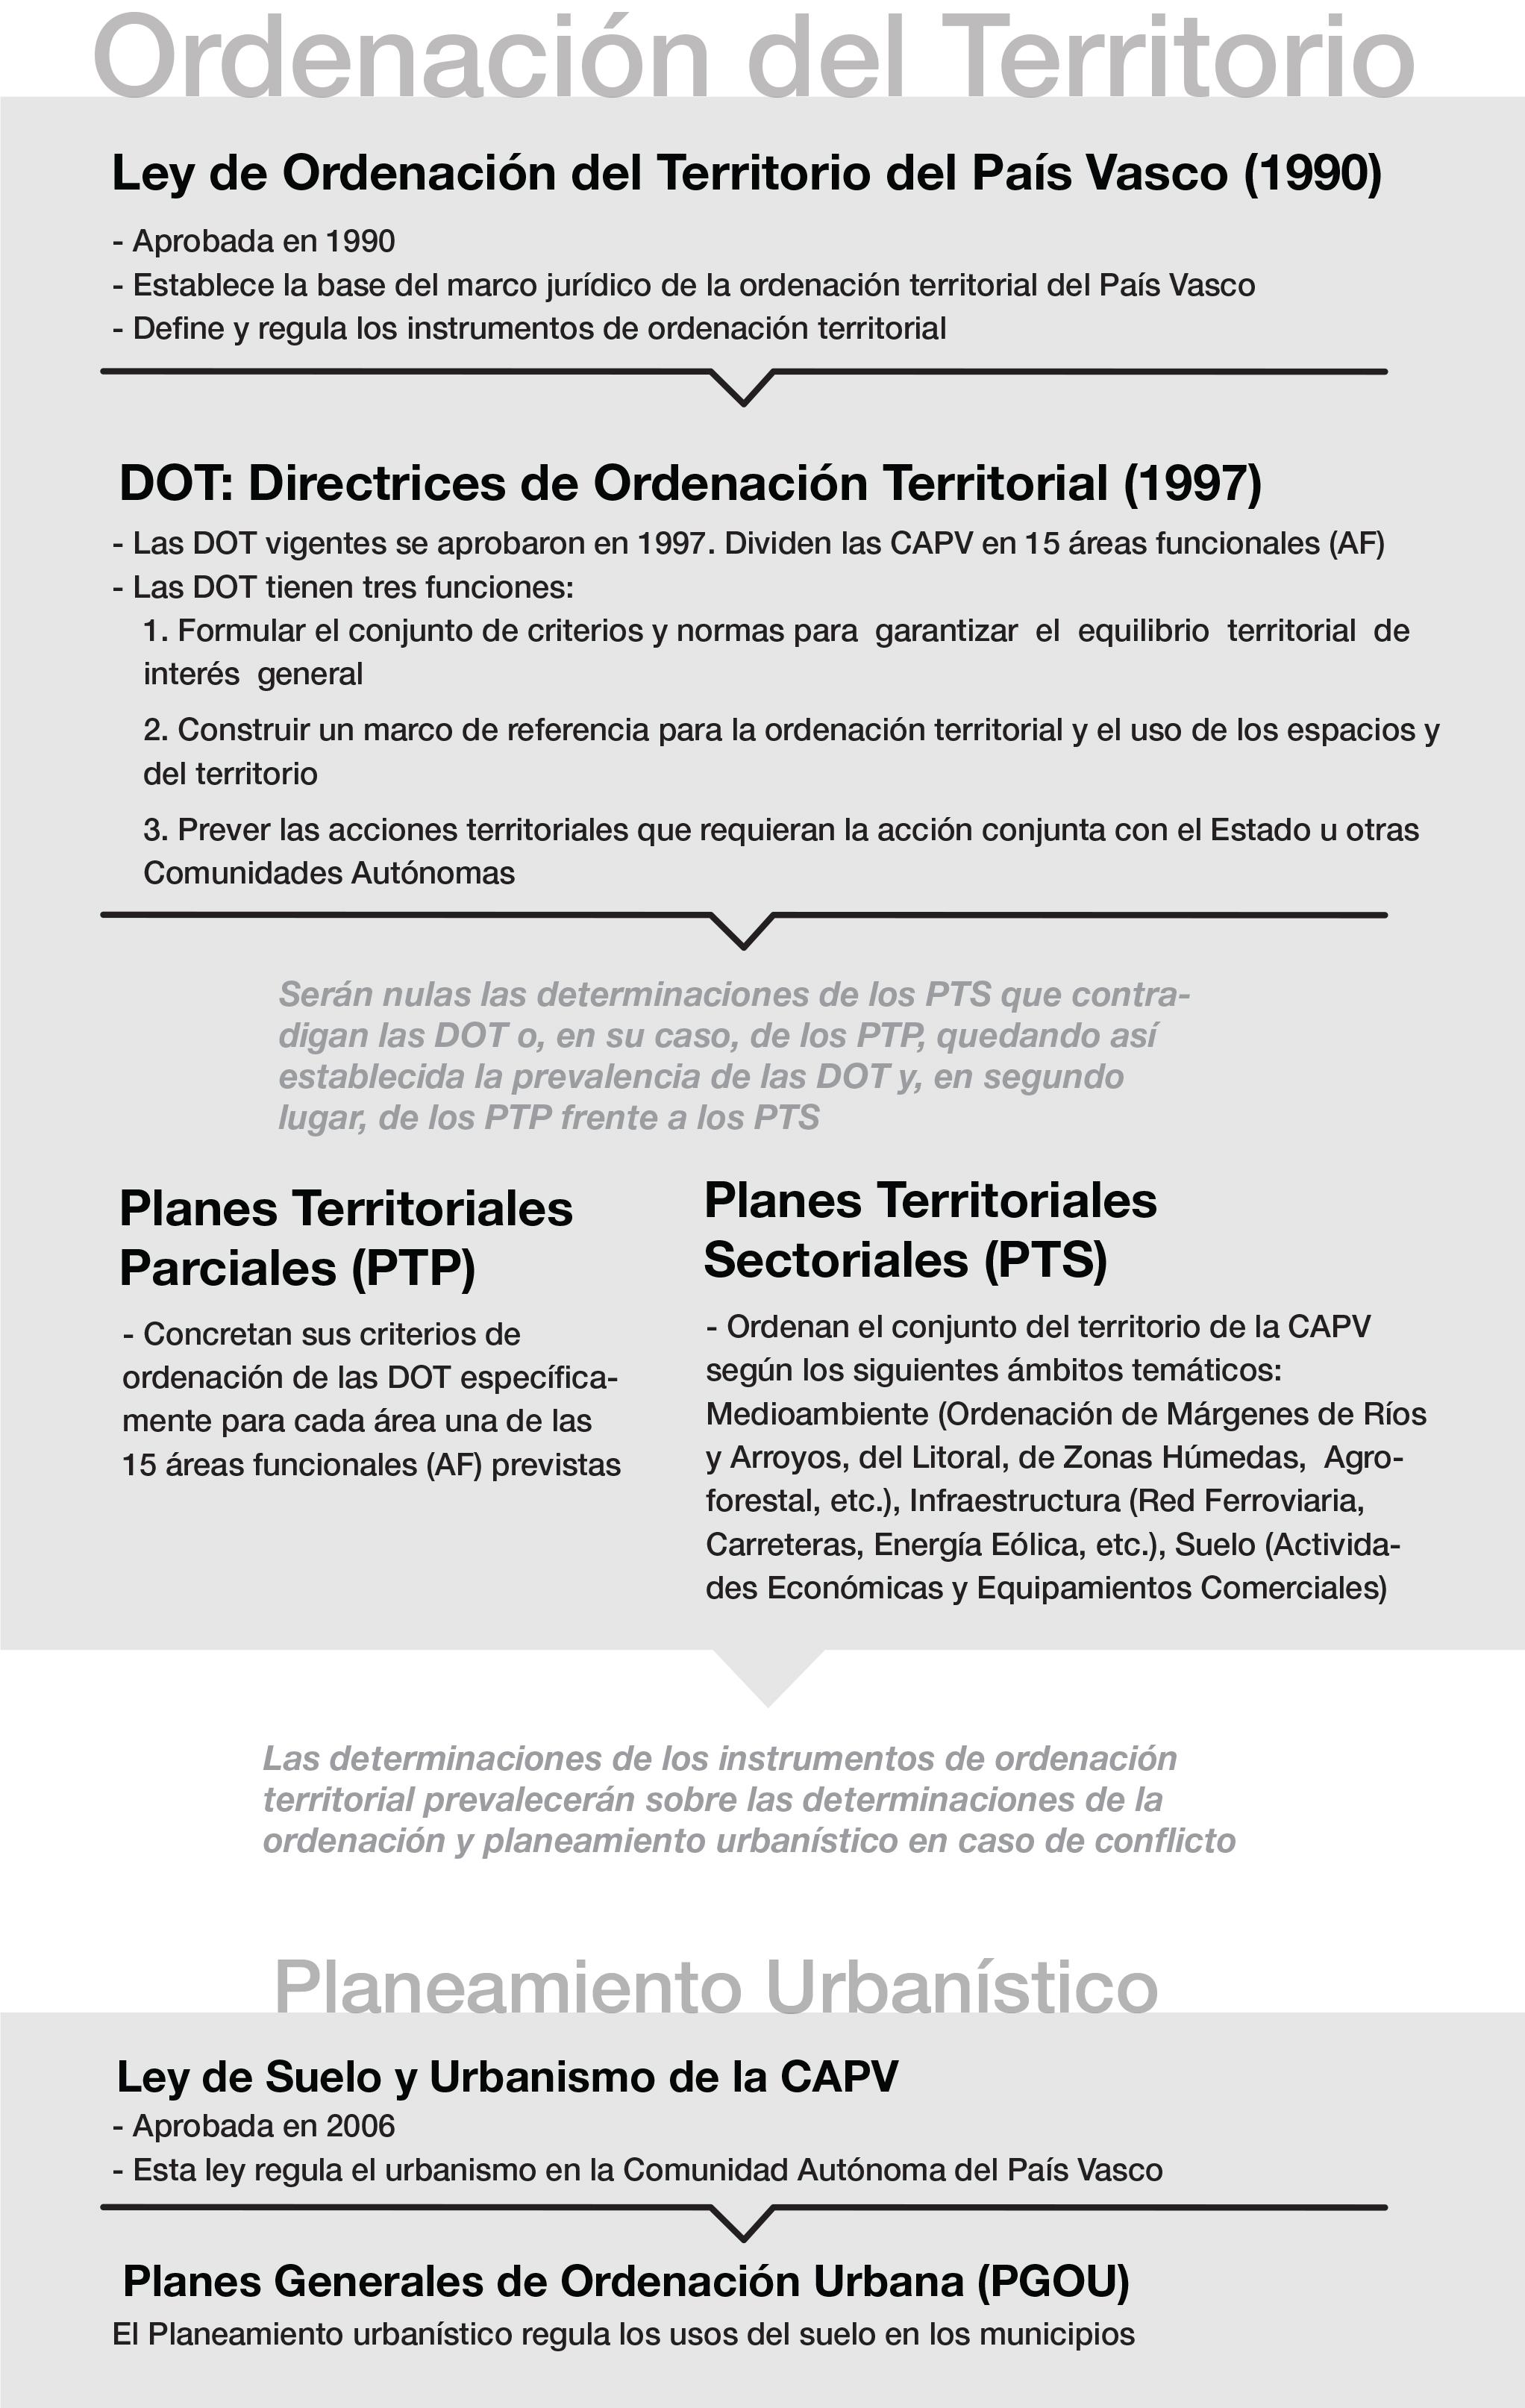 marco_juridico_01_es.jpg